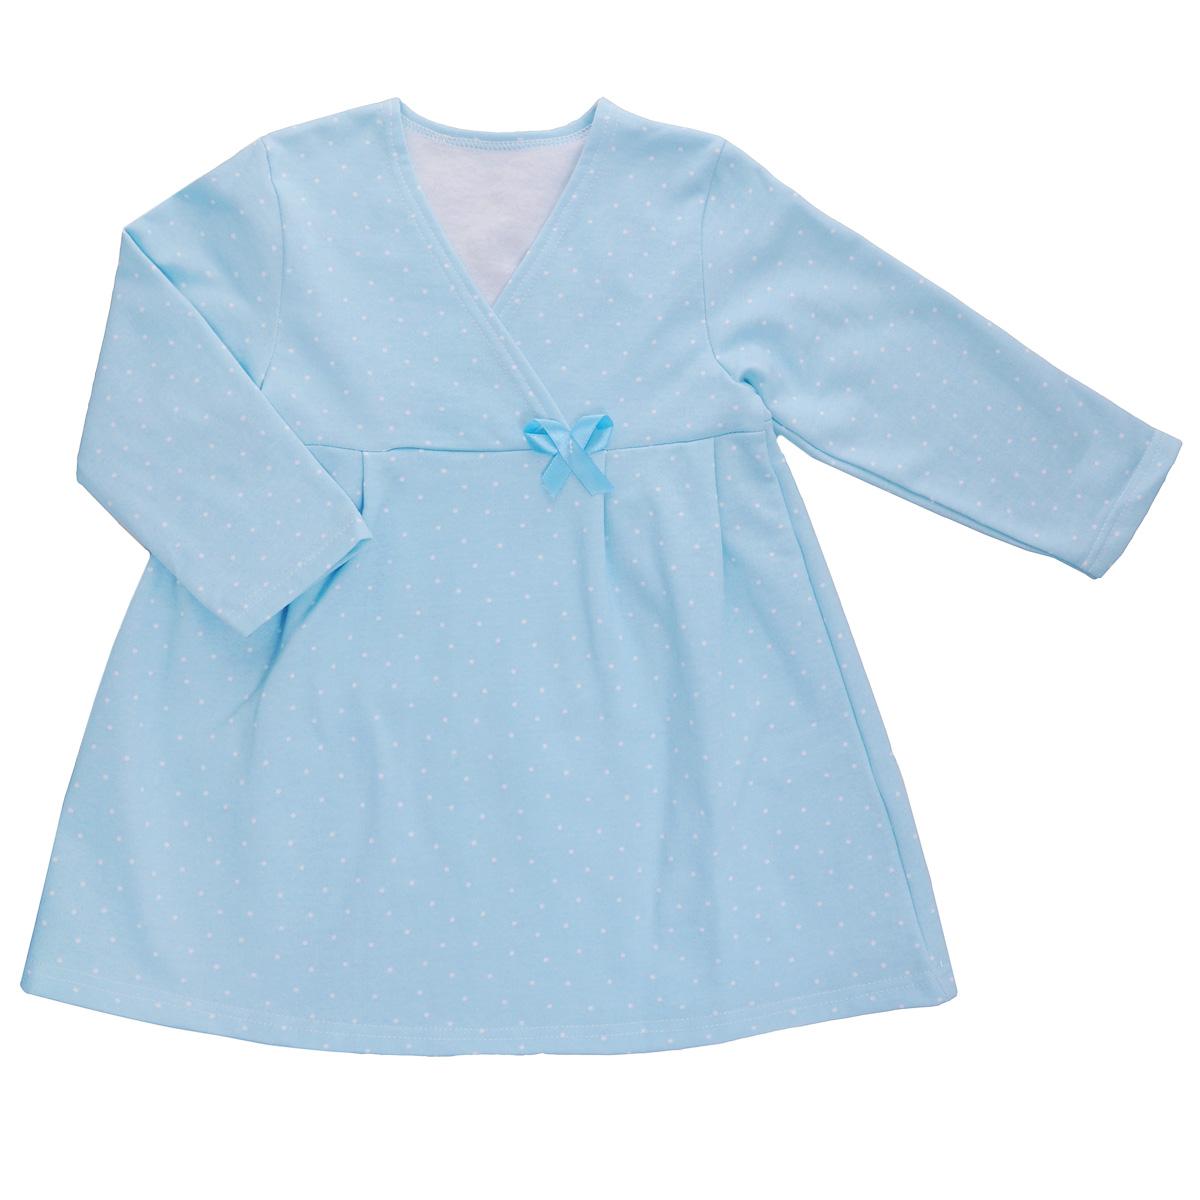 Сорочка ночная для девочки Трон-плюс, цвет: голубой, белый, рисунок горох. 5522. Размер 134/140, 9-12 лет5522Яркая сорочка Трон-плюс идеально подойдет вашей малышке и станет отличным дополнением к детскому гардеробу. Теплая сорочка, изготовленная из футера - натурального хлопка, необычайно мягкая и легкая, не сковывает движения ребенка, позволяет коже дышать и не раздражает даже самую нежную и чувствительную кожу малыша. Сорочка трапециевидного кроя с длинными рукавами, V-образным вырезом горловины. Полочка состоит из двух частей, заходящих друг на друга. По переднему и заднему полотнищам юбки заложены небольшие складки. Сорочка оформлена атласным бантиком.В такой сорочке ваш ребенок будет чувствовать себя комфортно и уютно во время сна.